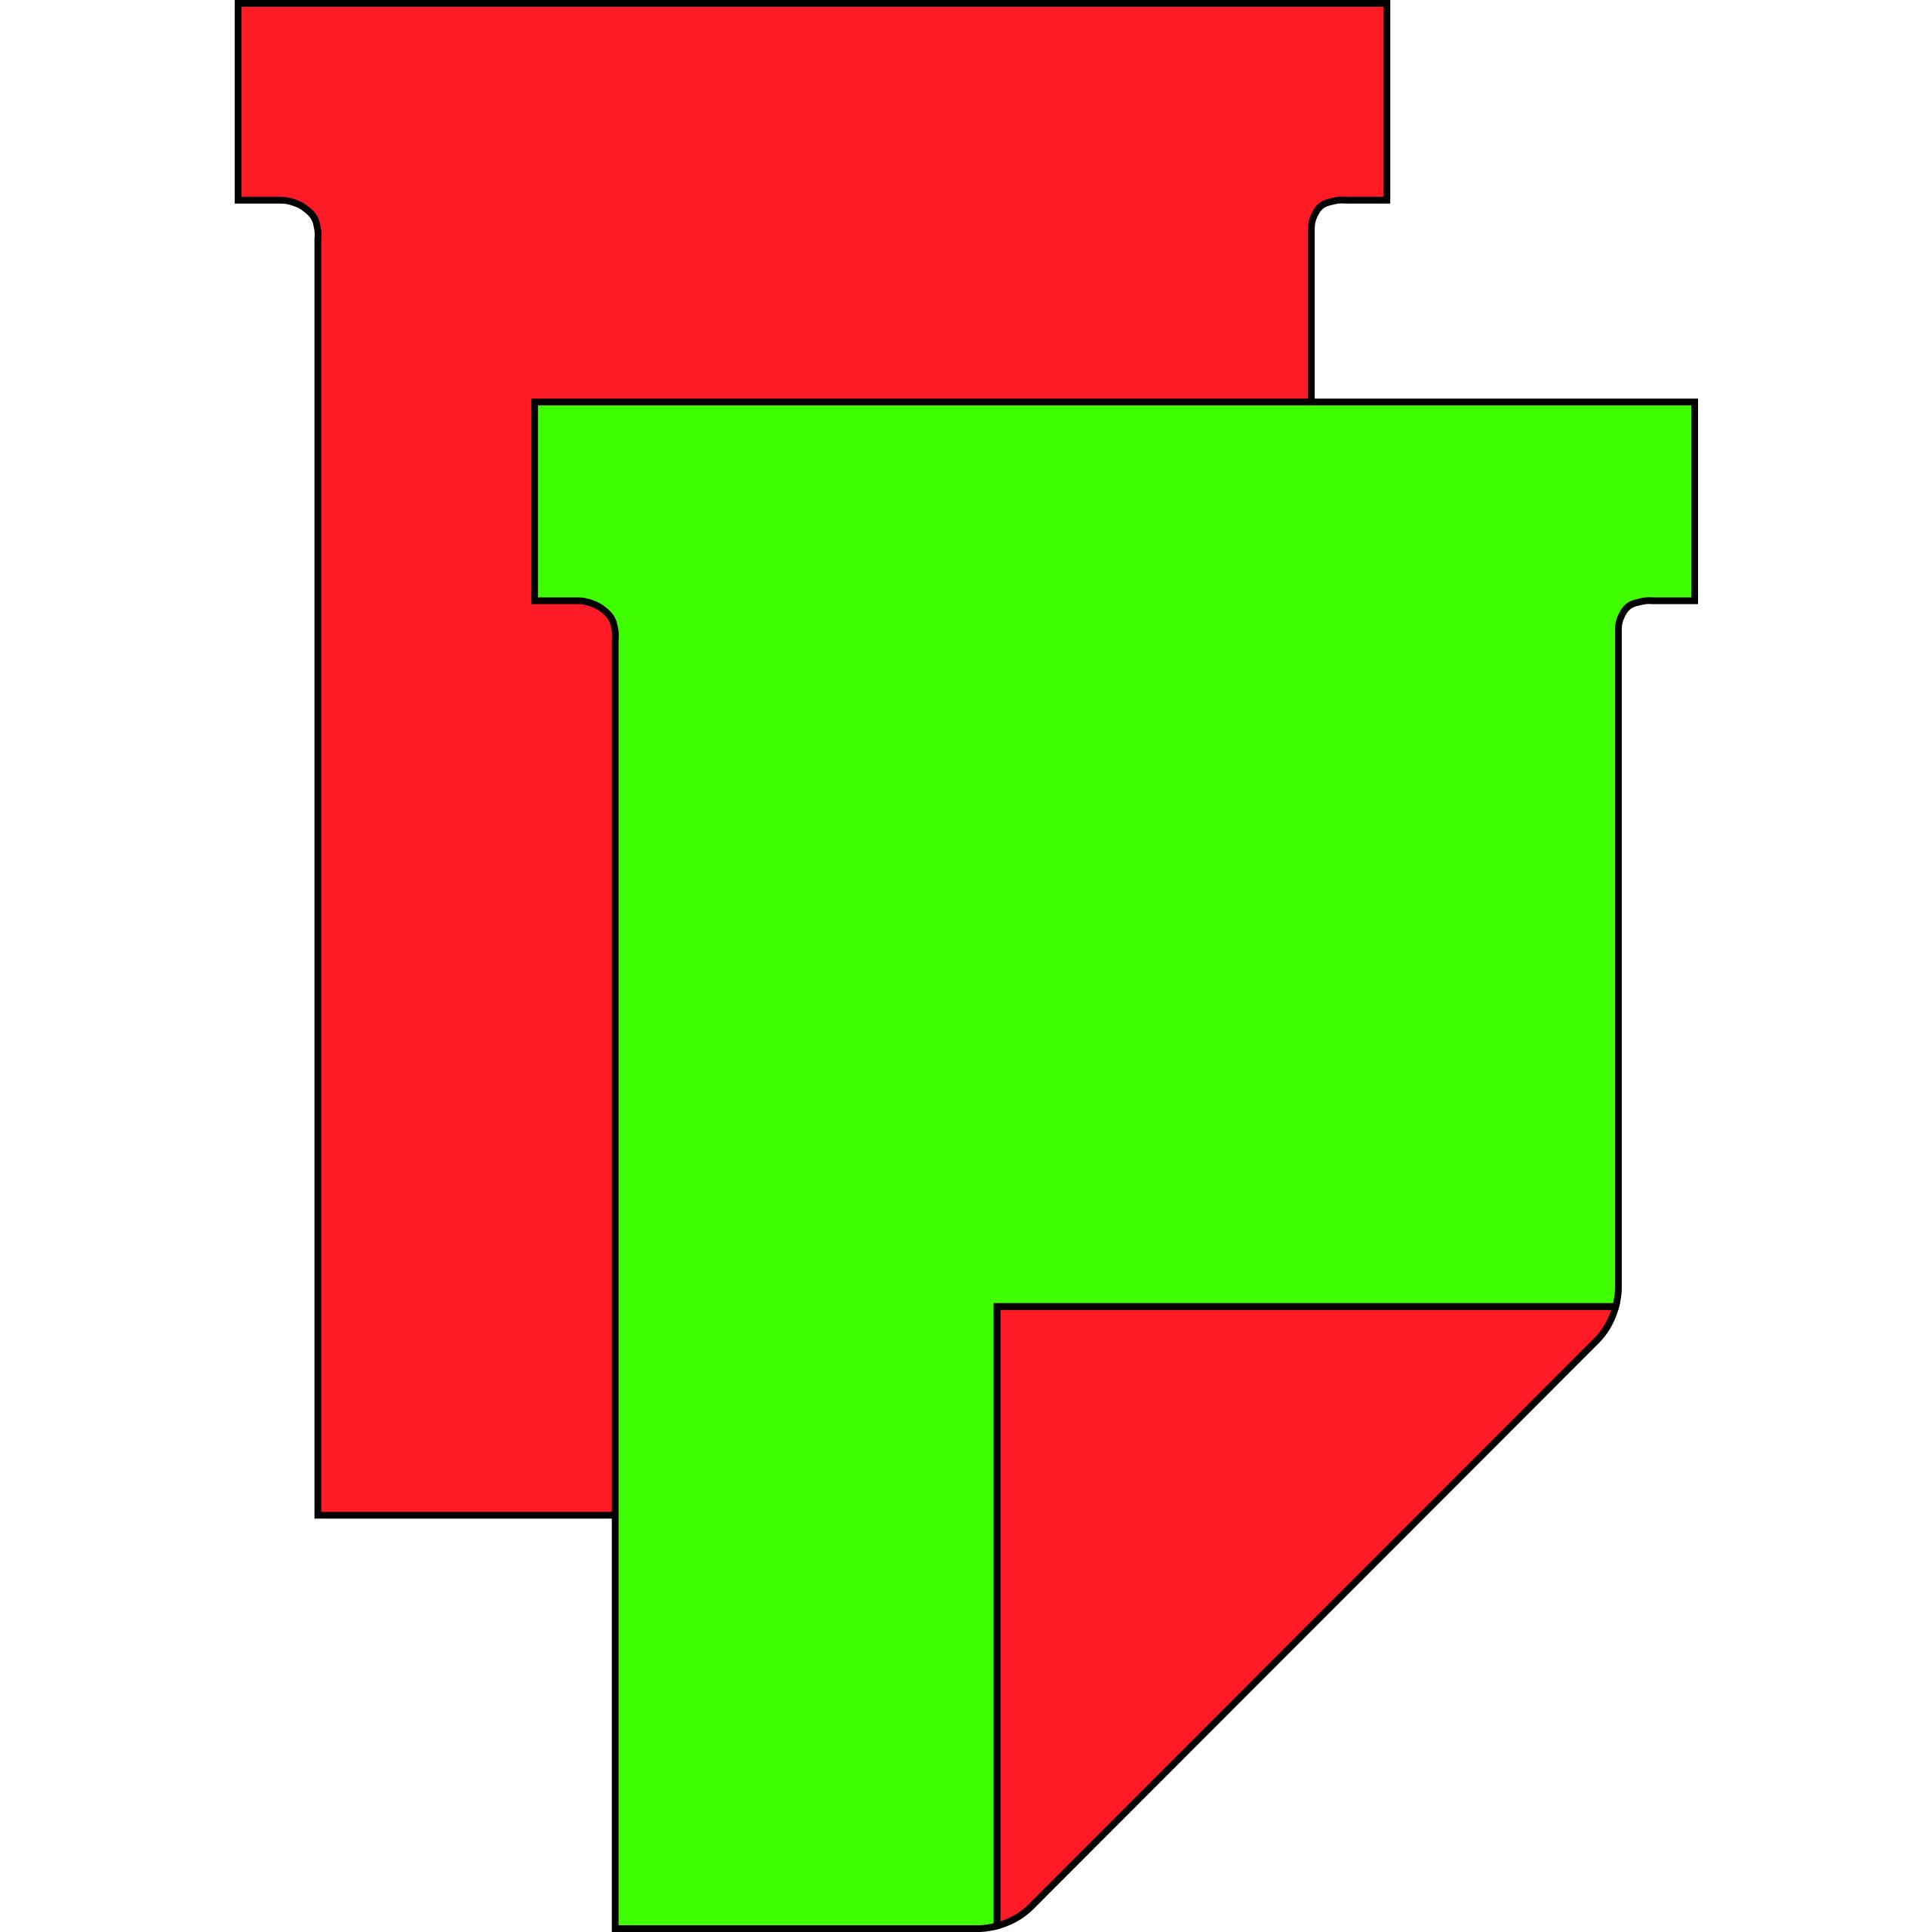 T-Karten-Kombi zur Beschriftung per Hand mit 2-fach Nutzen (rot/grün)